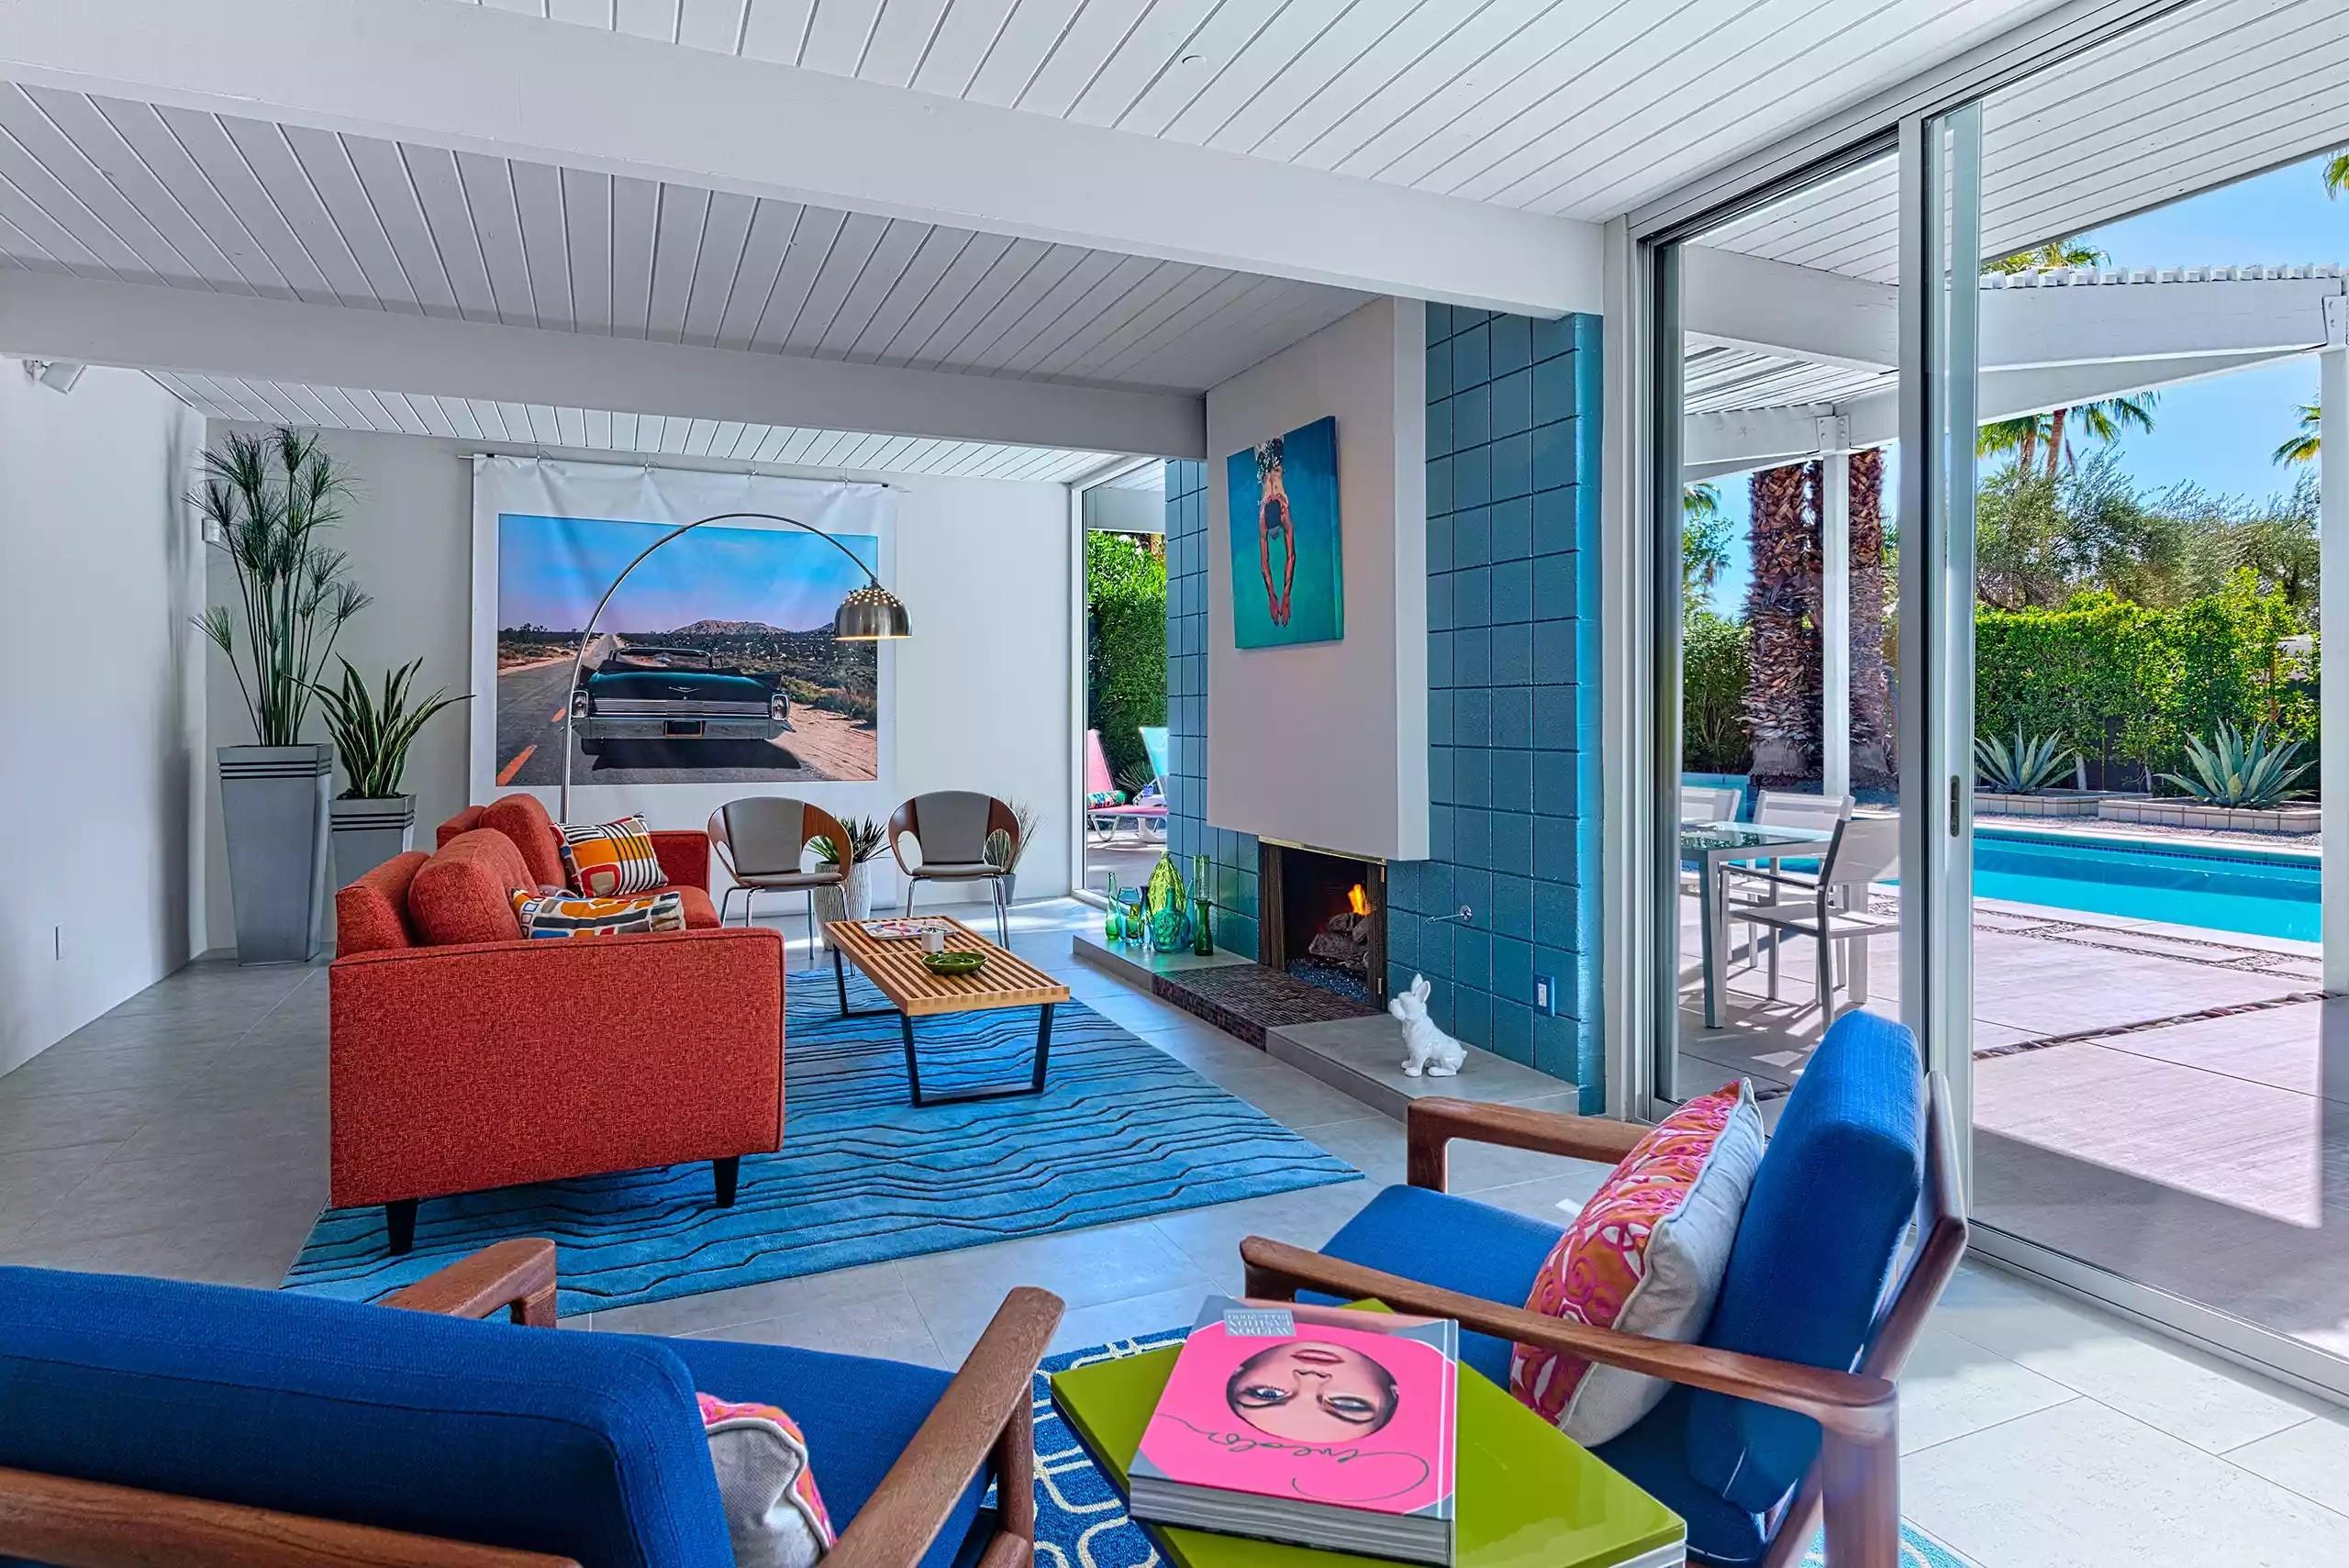 أشكال غرف معيشة مودرن- توزيع الأثاث بطول الغرفة